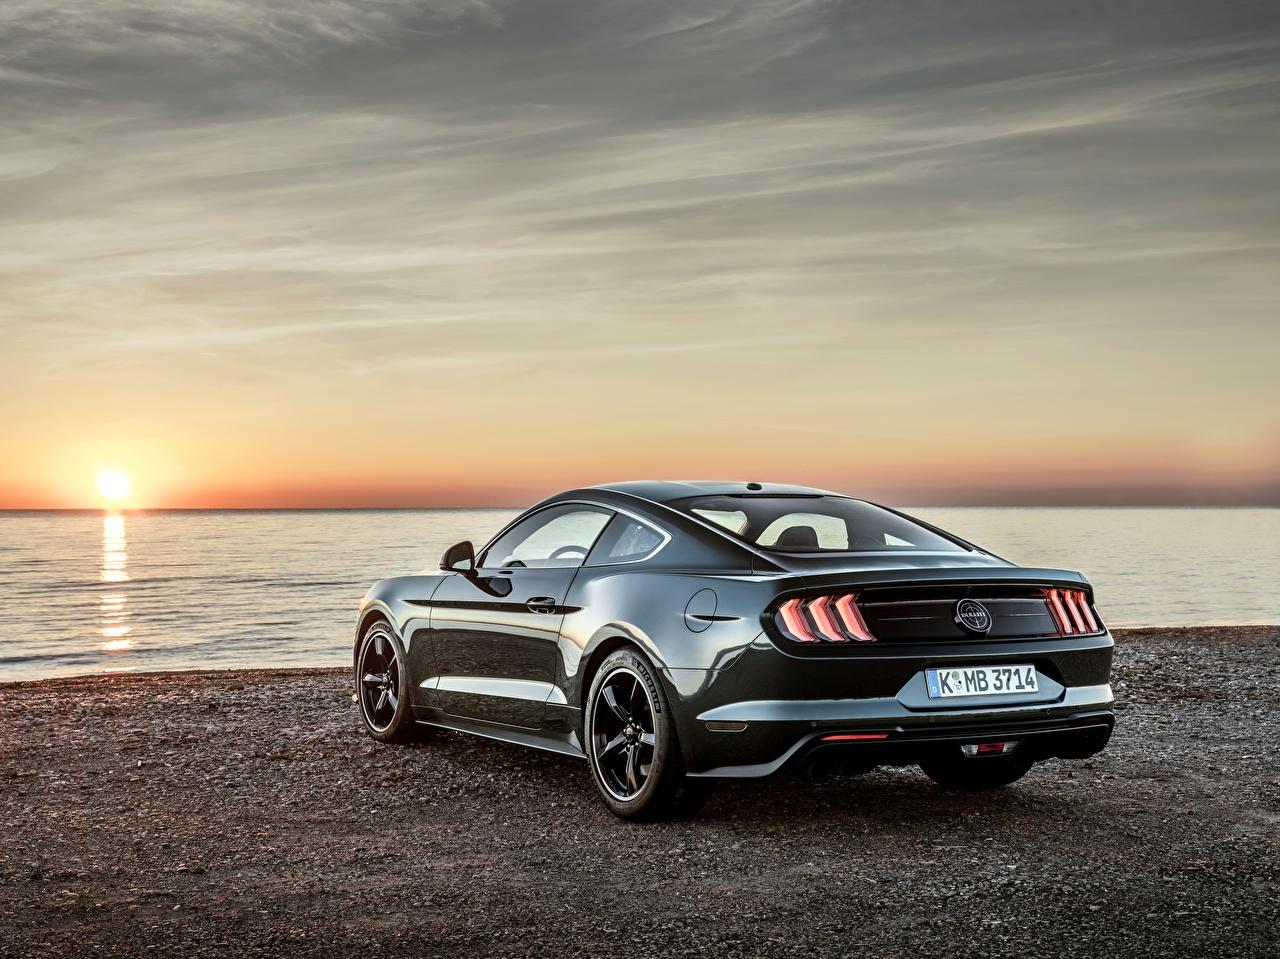 Фотография Форд 2018 Bullitt Mustang рассвет и закат Металлик вид сзади Автомобили Ford Рассветы и закаты авто Сзади машины машина автомобиль